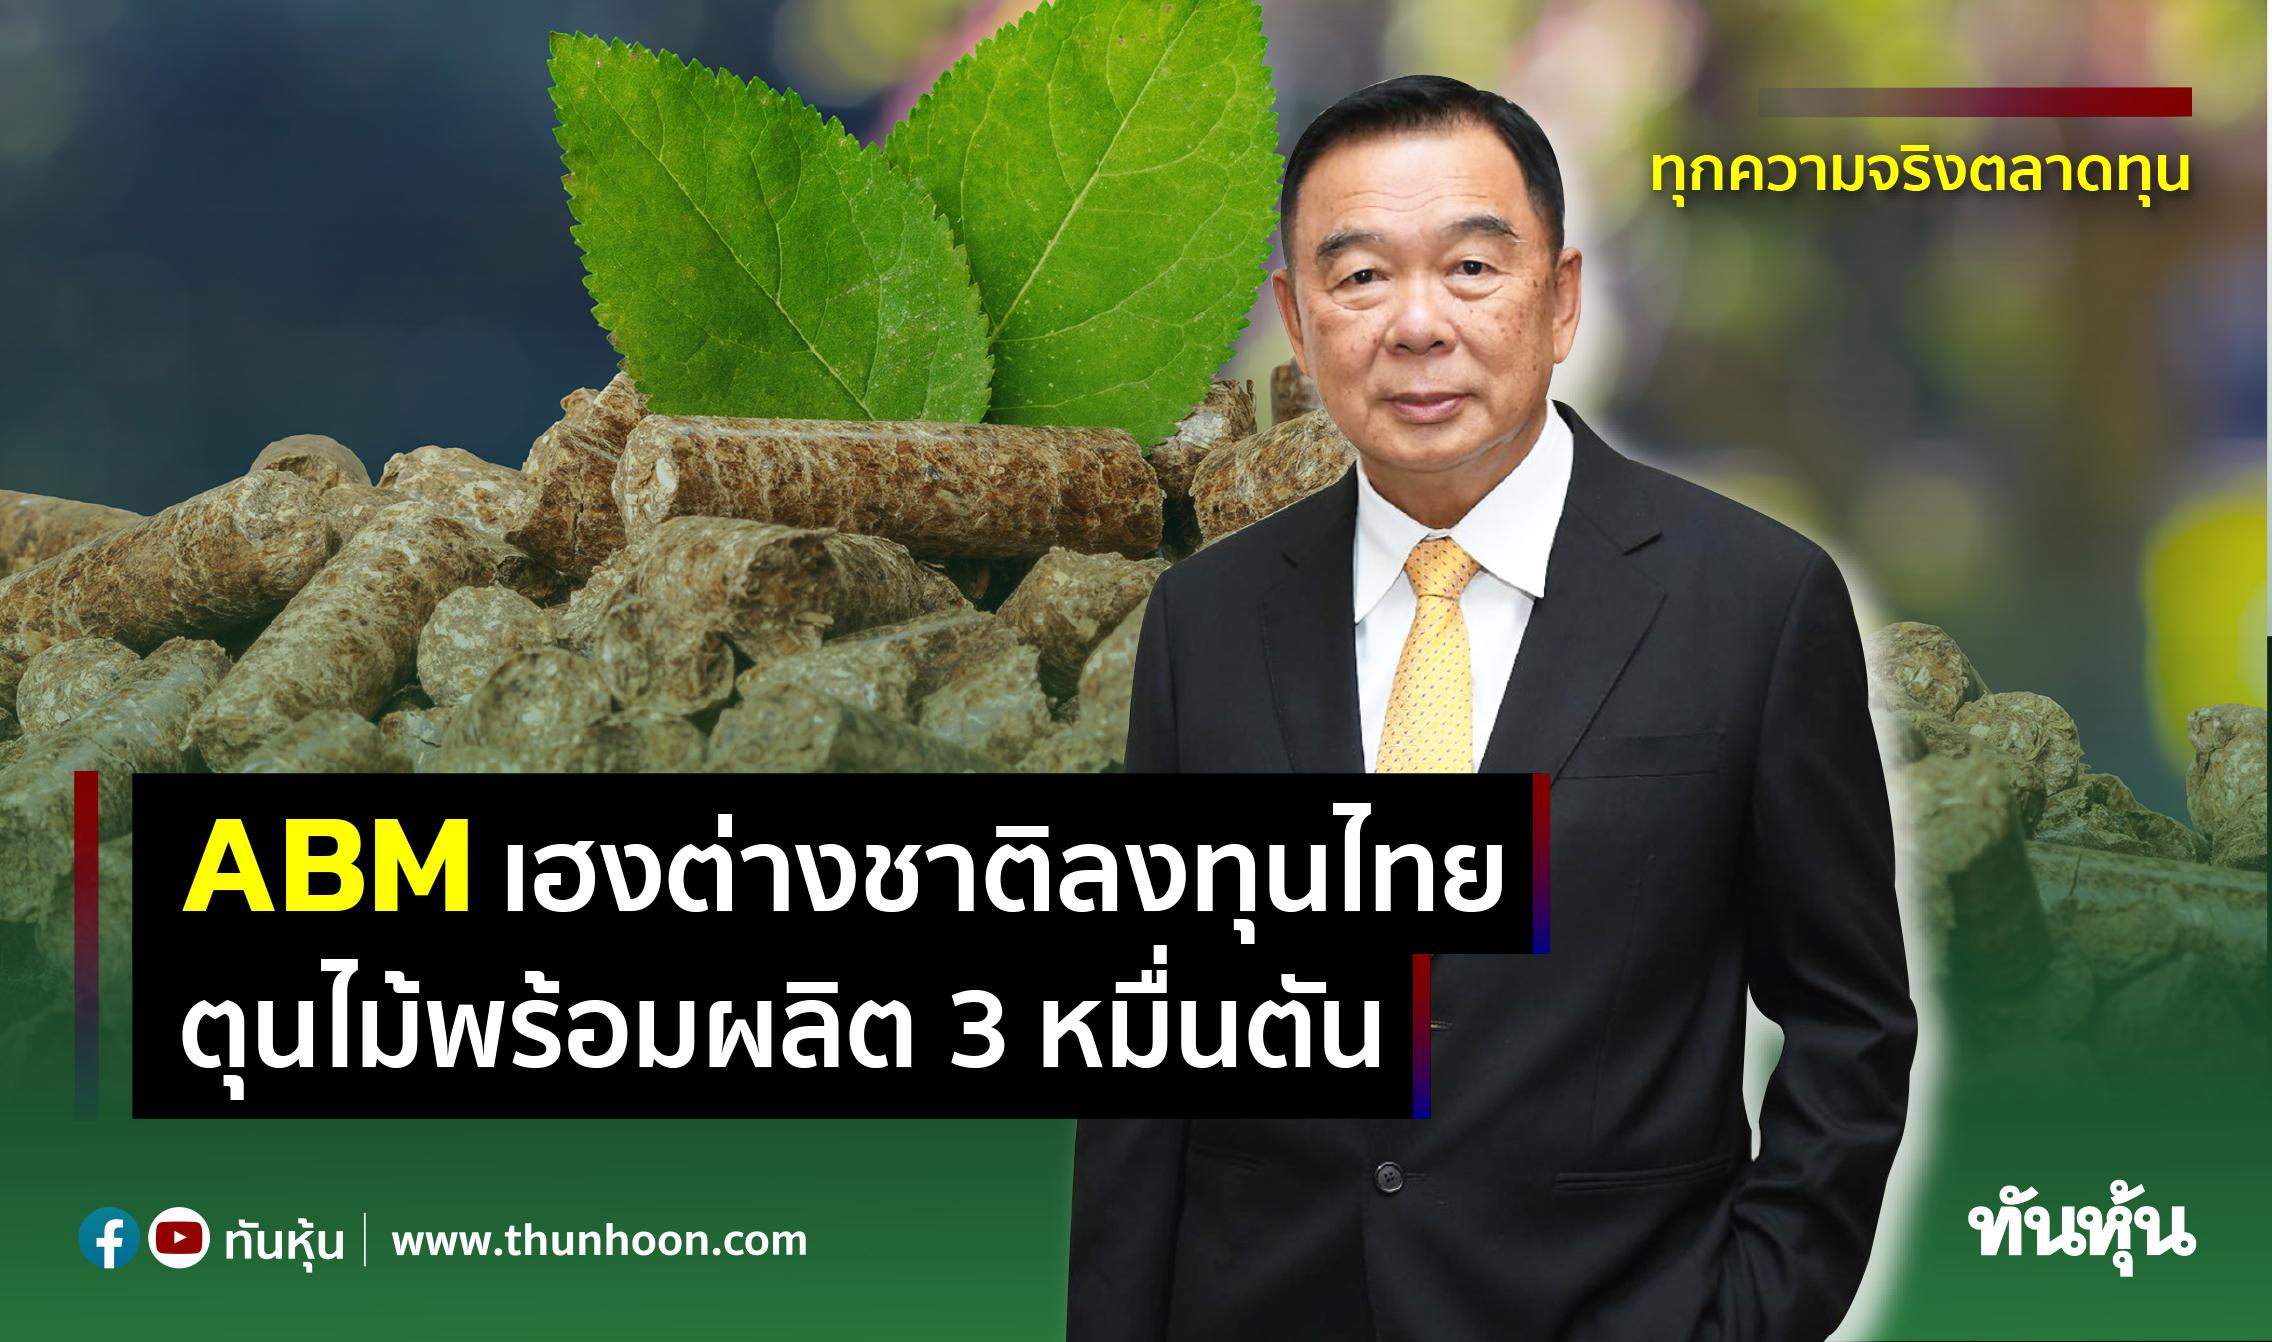 ABMเฮงต่างชาติลงทุนไทย ตุนไม้พร้อมผลิต3หมื่นตัน